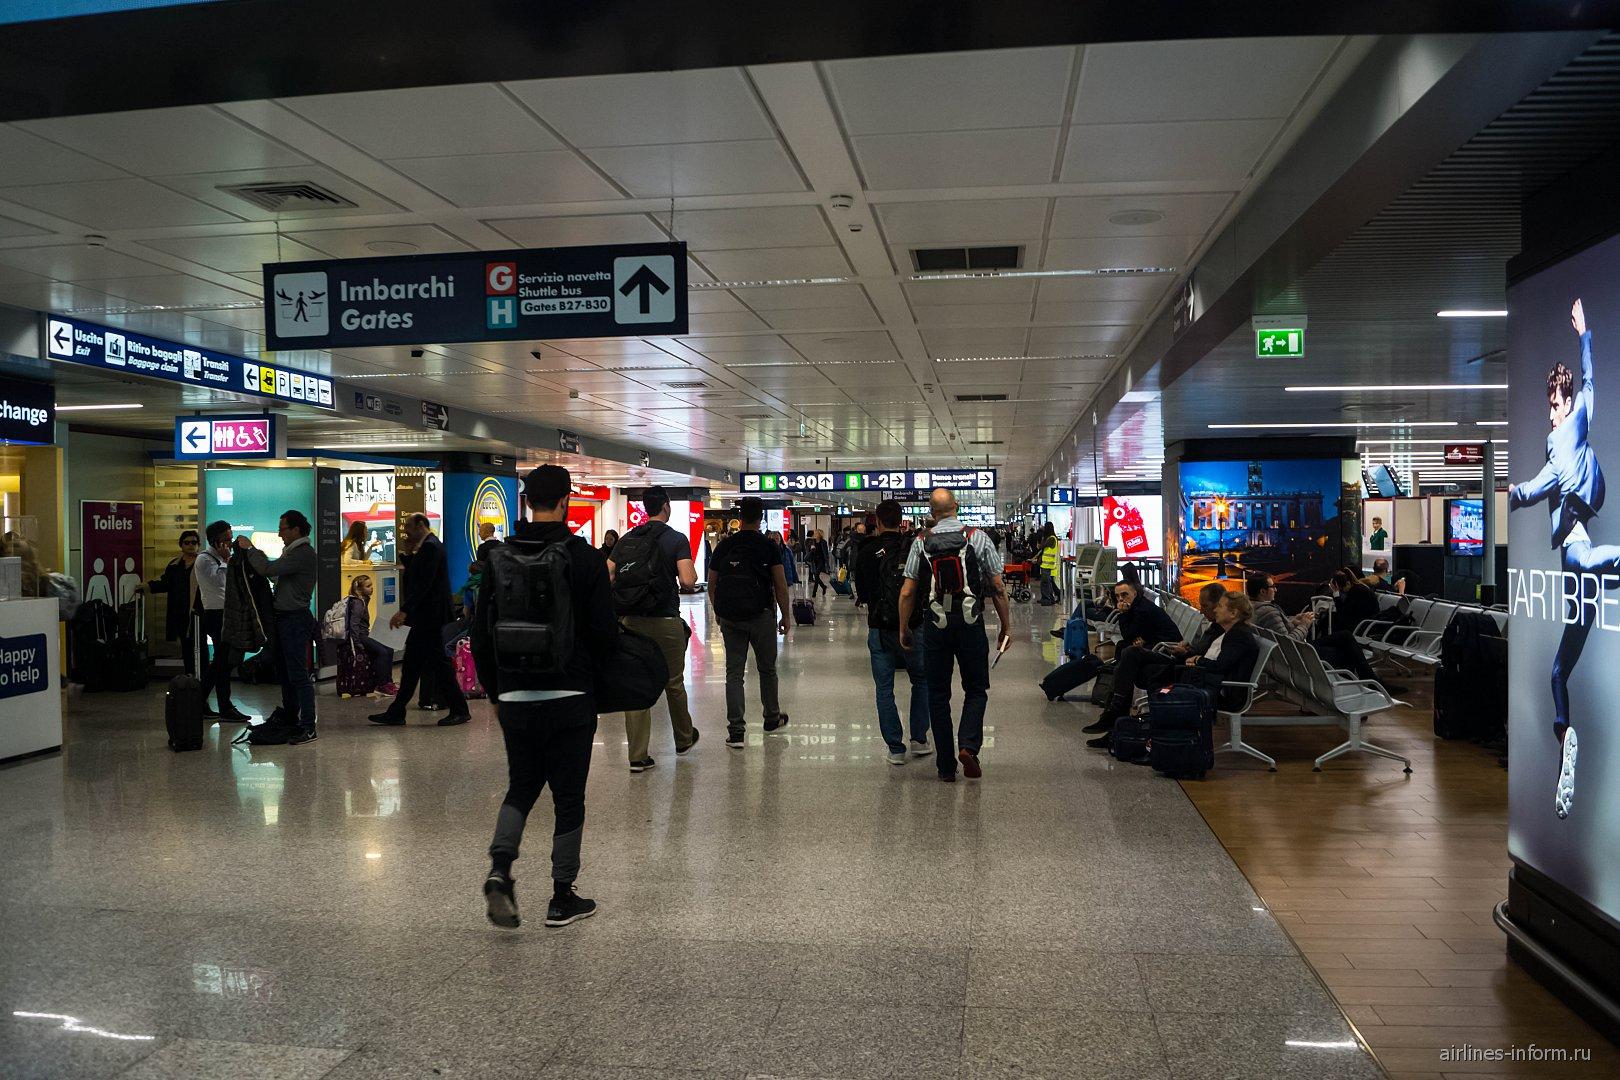 Галерея выходов на посадку в терминале 1 аэропорта Рим Фьюмичино